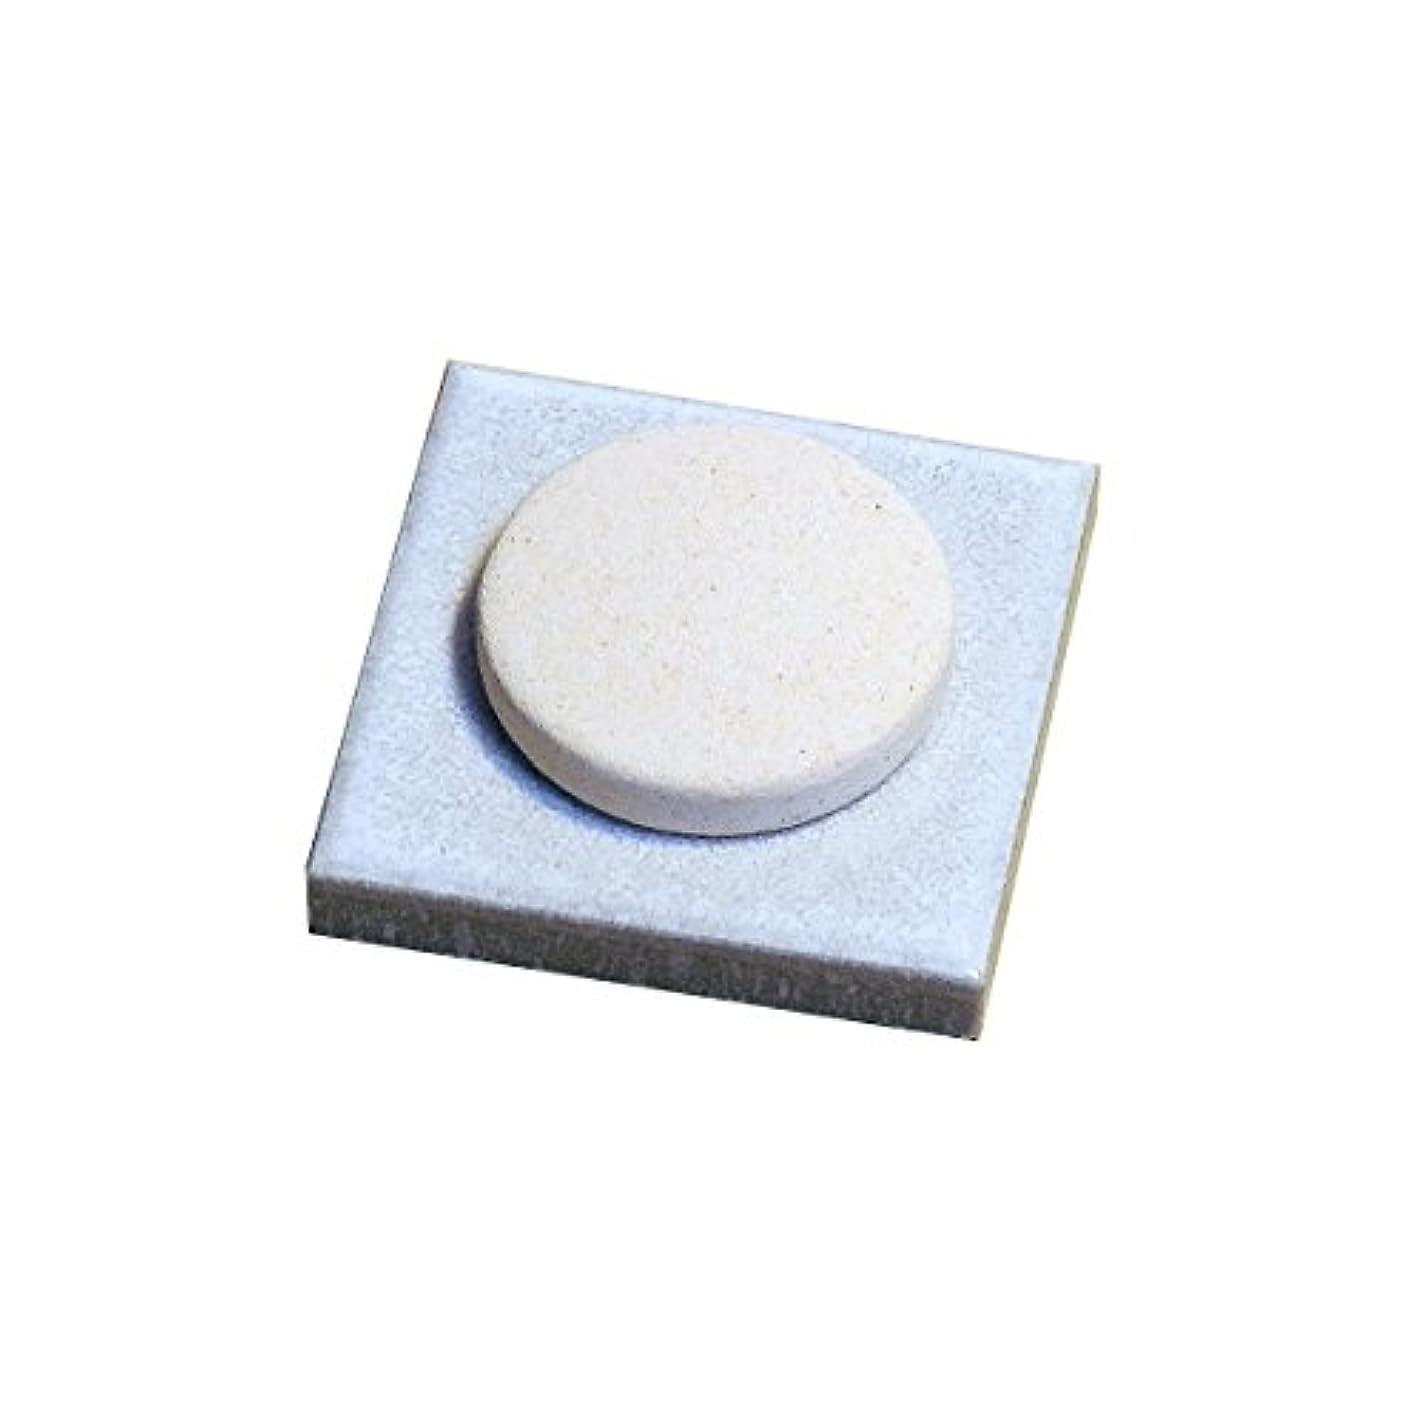 マークダウン動機付ける減らす〔立風屋〕珪藻土アロマプレート美濃焼タイルセット ホワイト(白) RPAP-01003-WT